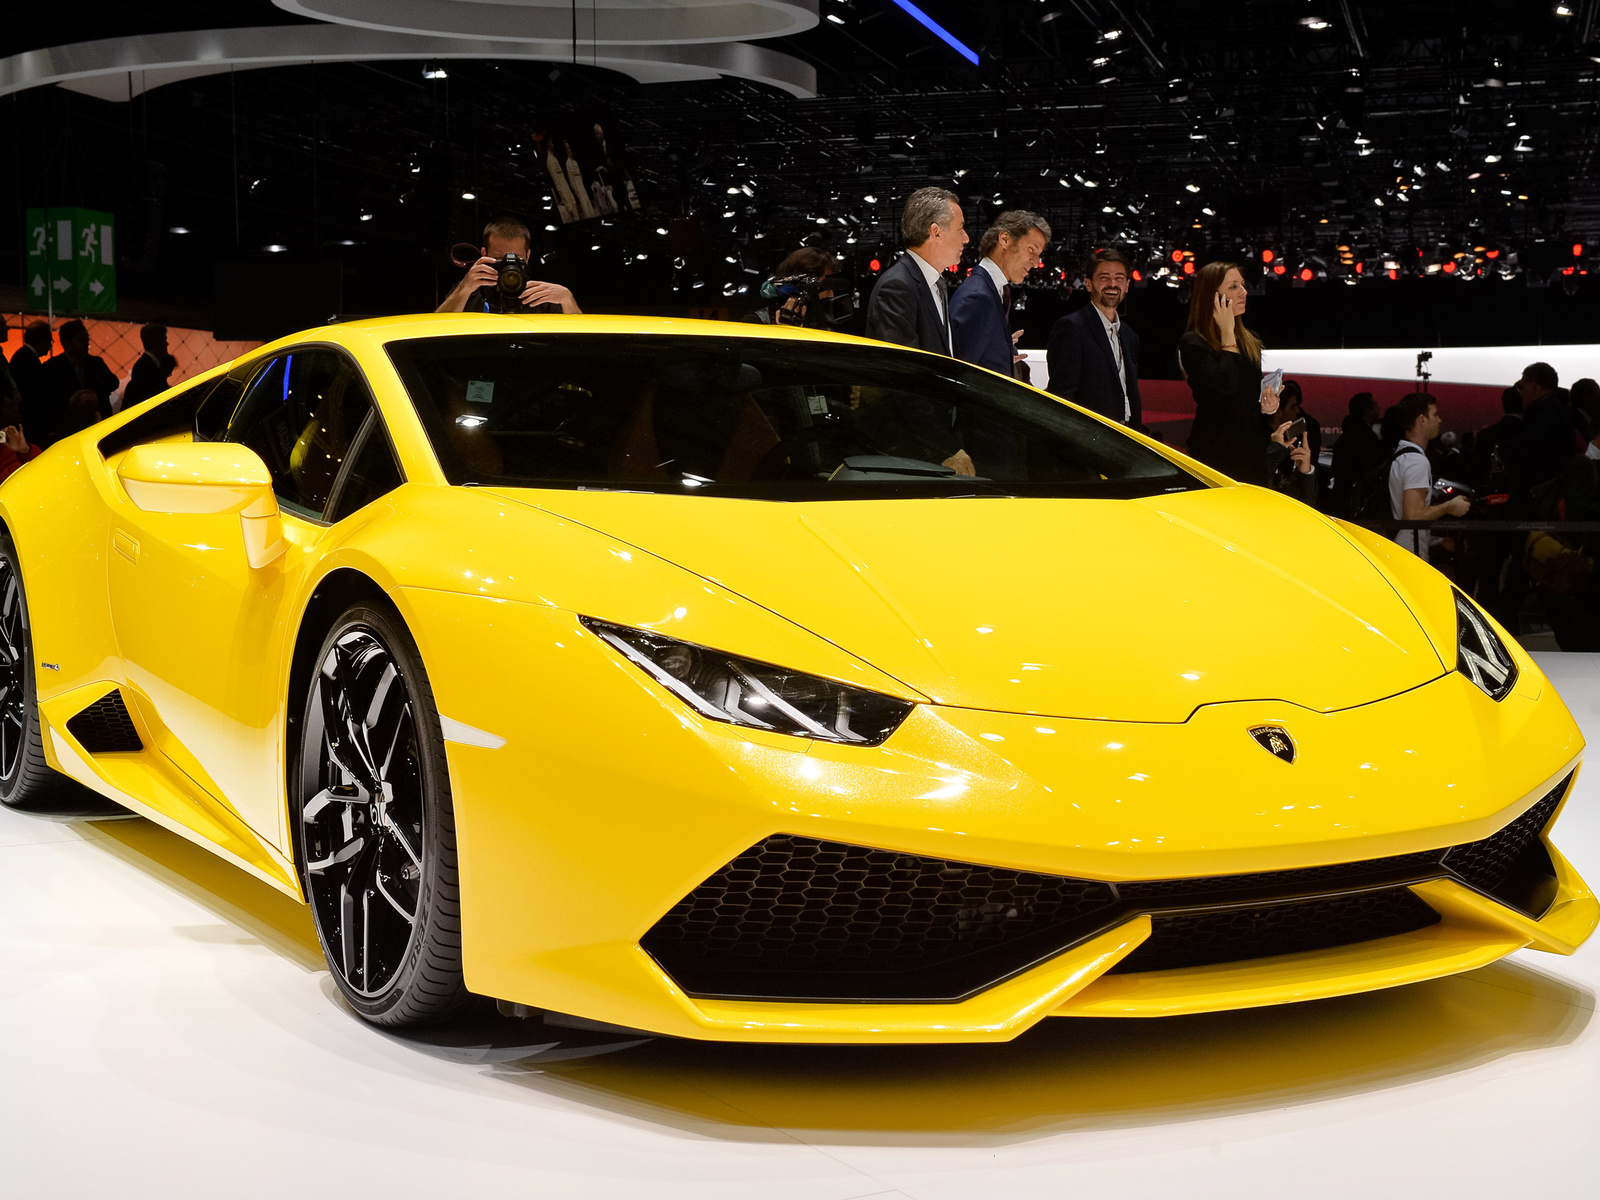 fotos de autos lamborghini amarilla